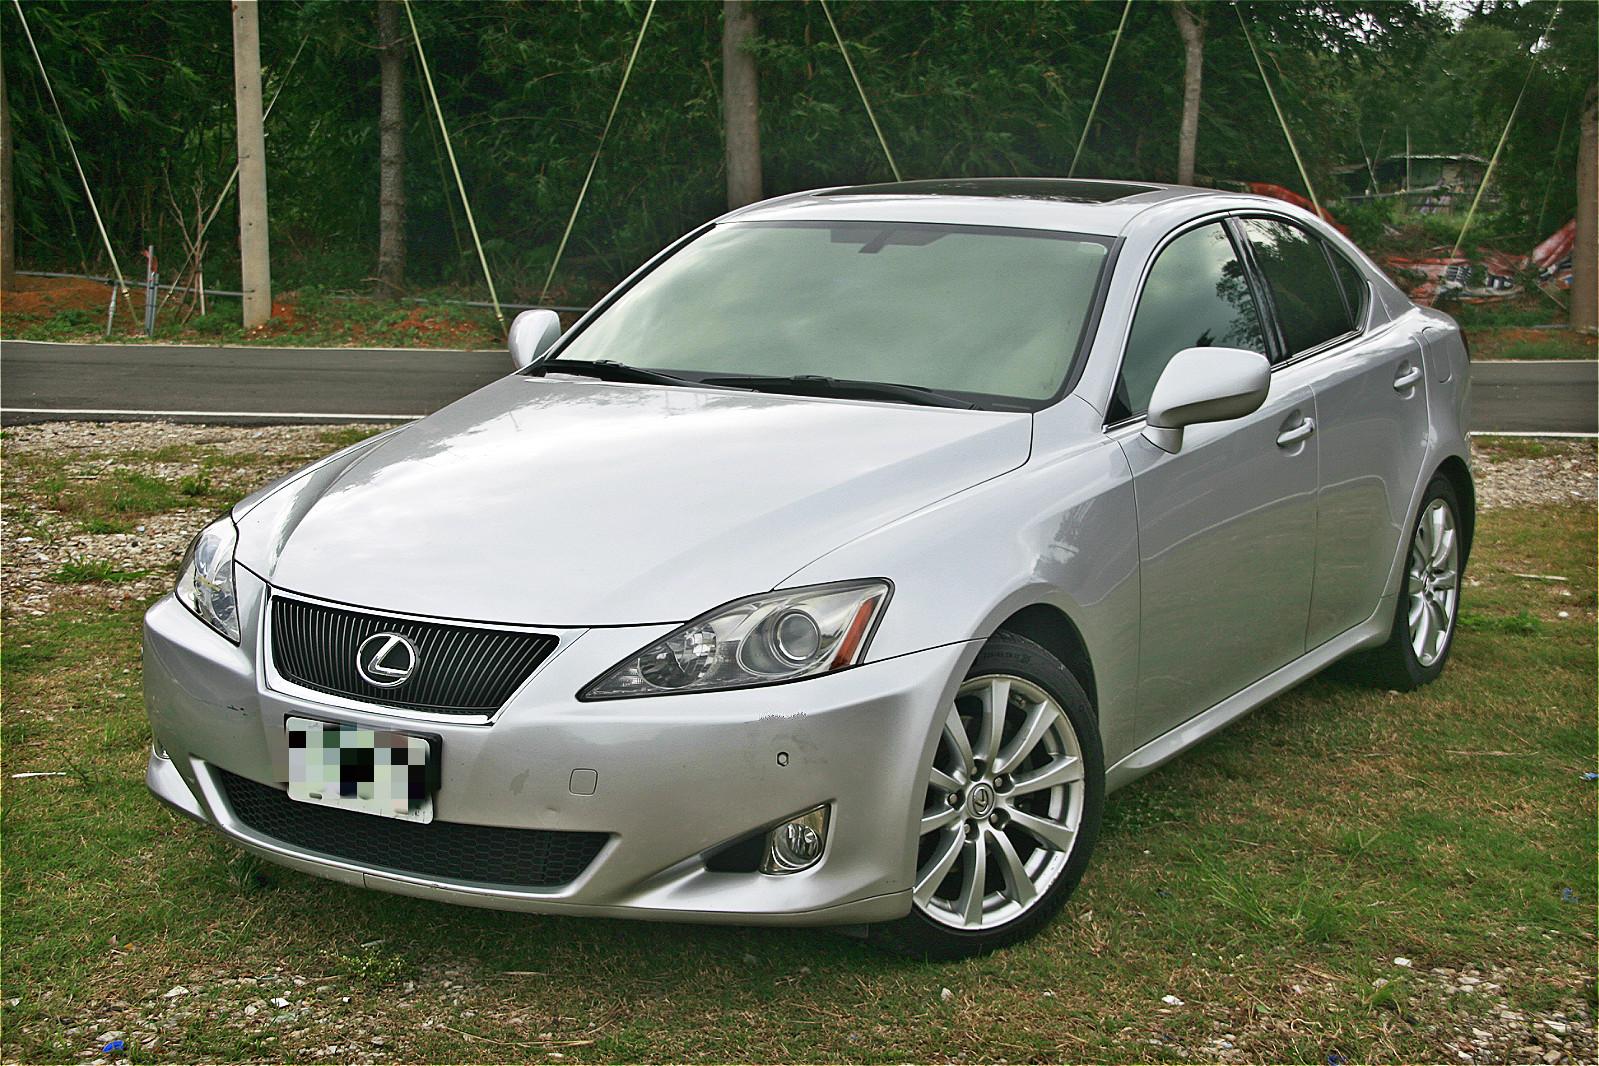 2006 Lexus 凌志 IS